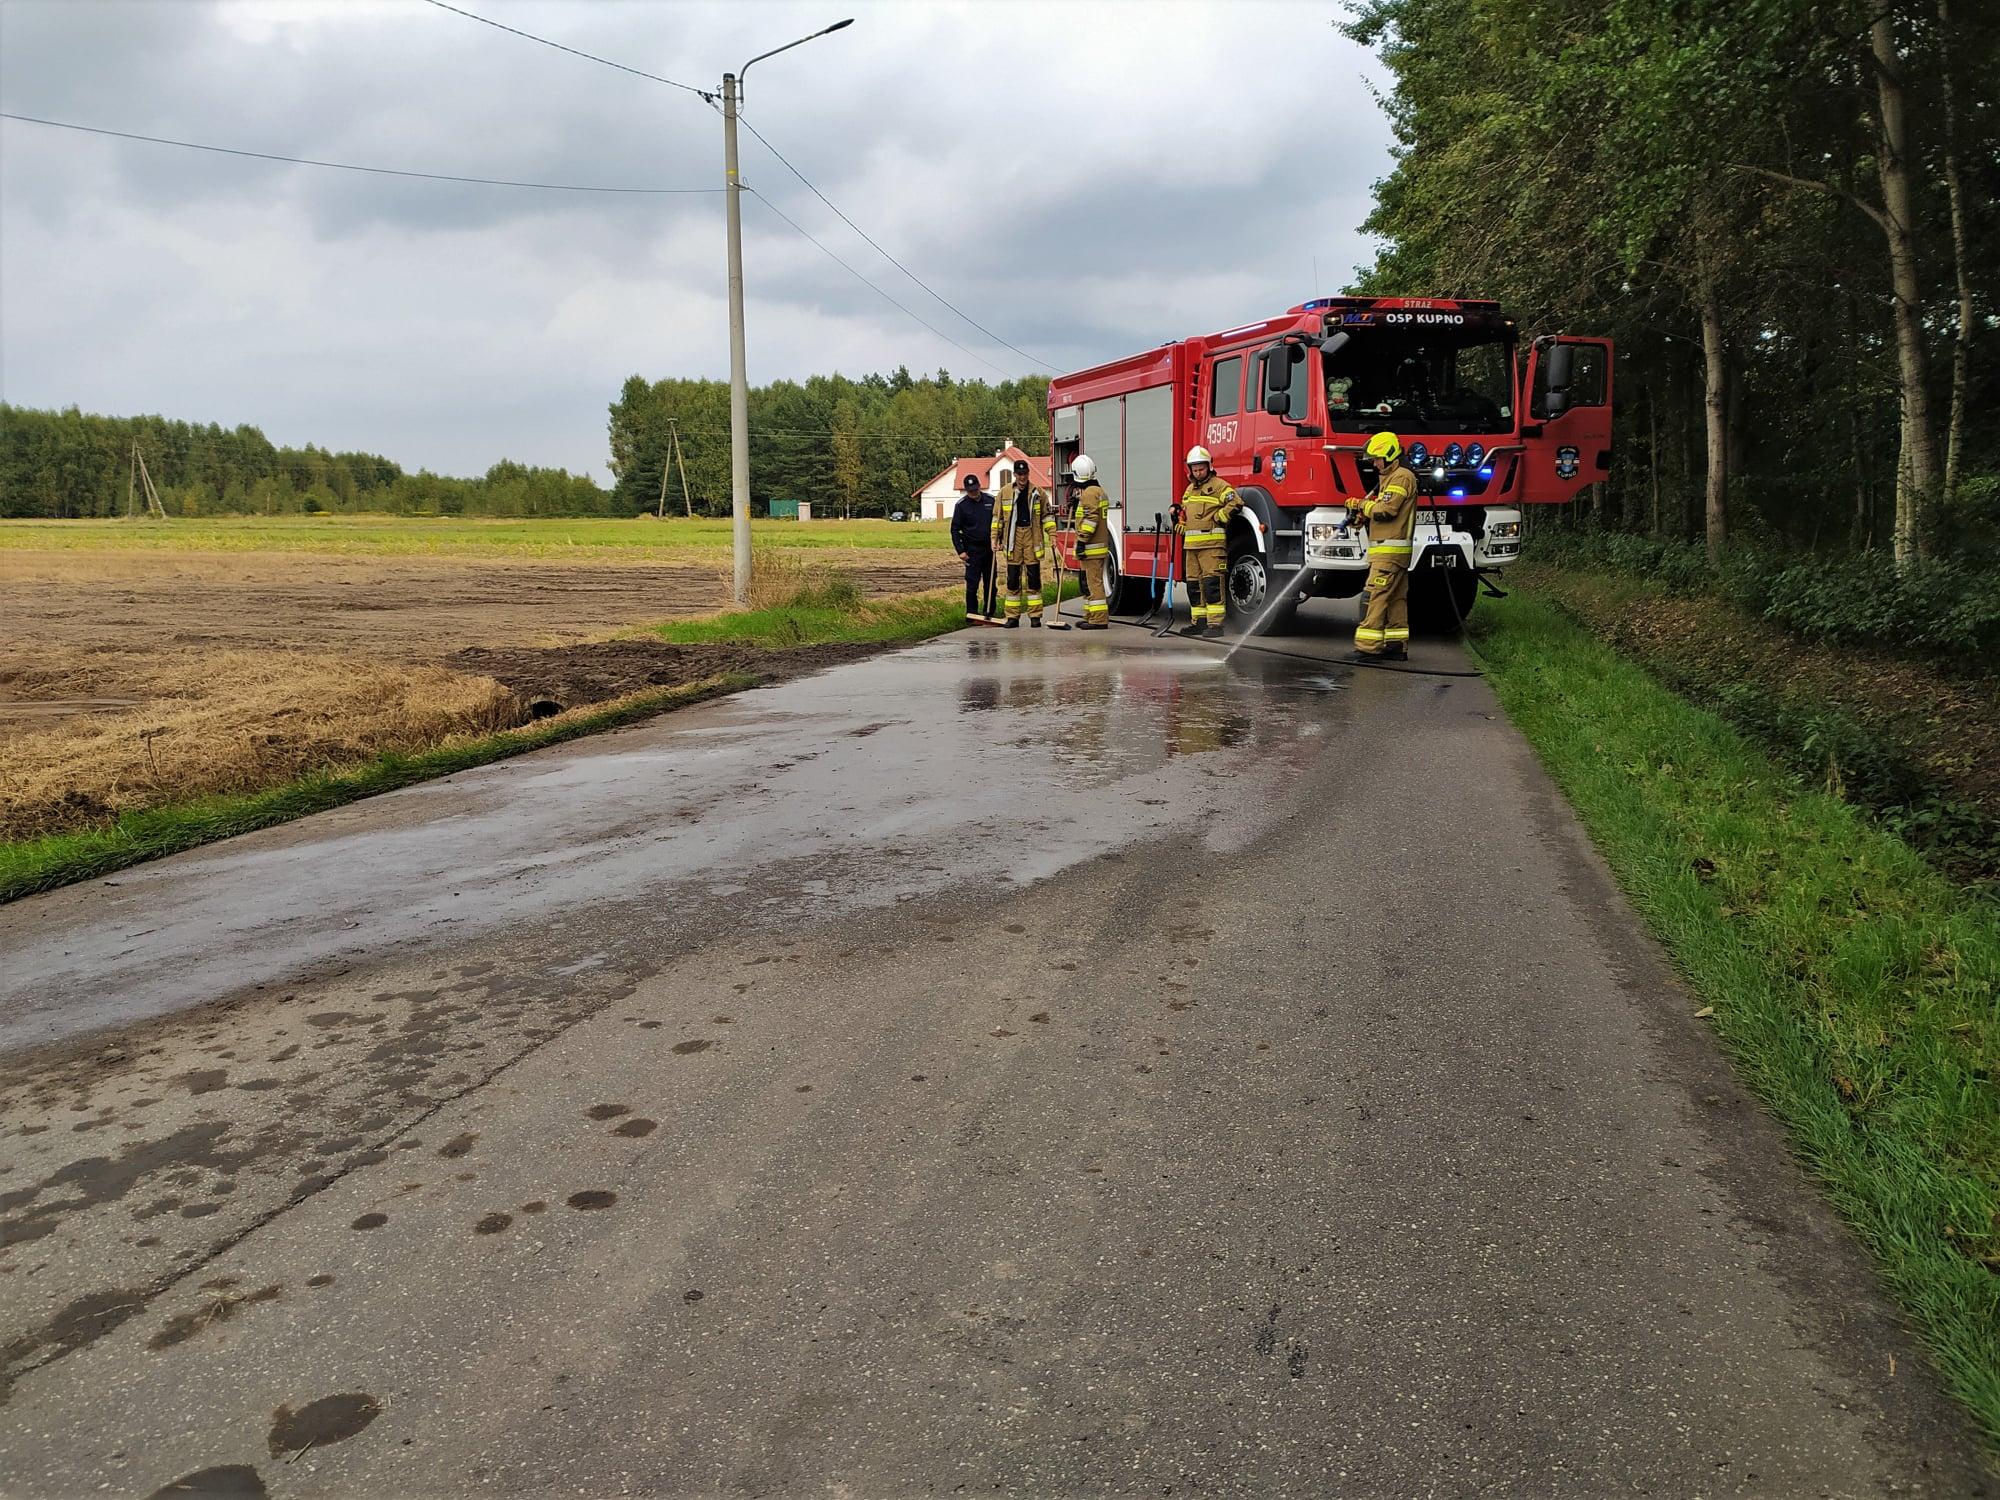 Strażacy z OSP Kupno w akcji! Zobacz nagranie z wyjazdu [WIDEO] - Zdjęcie główne